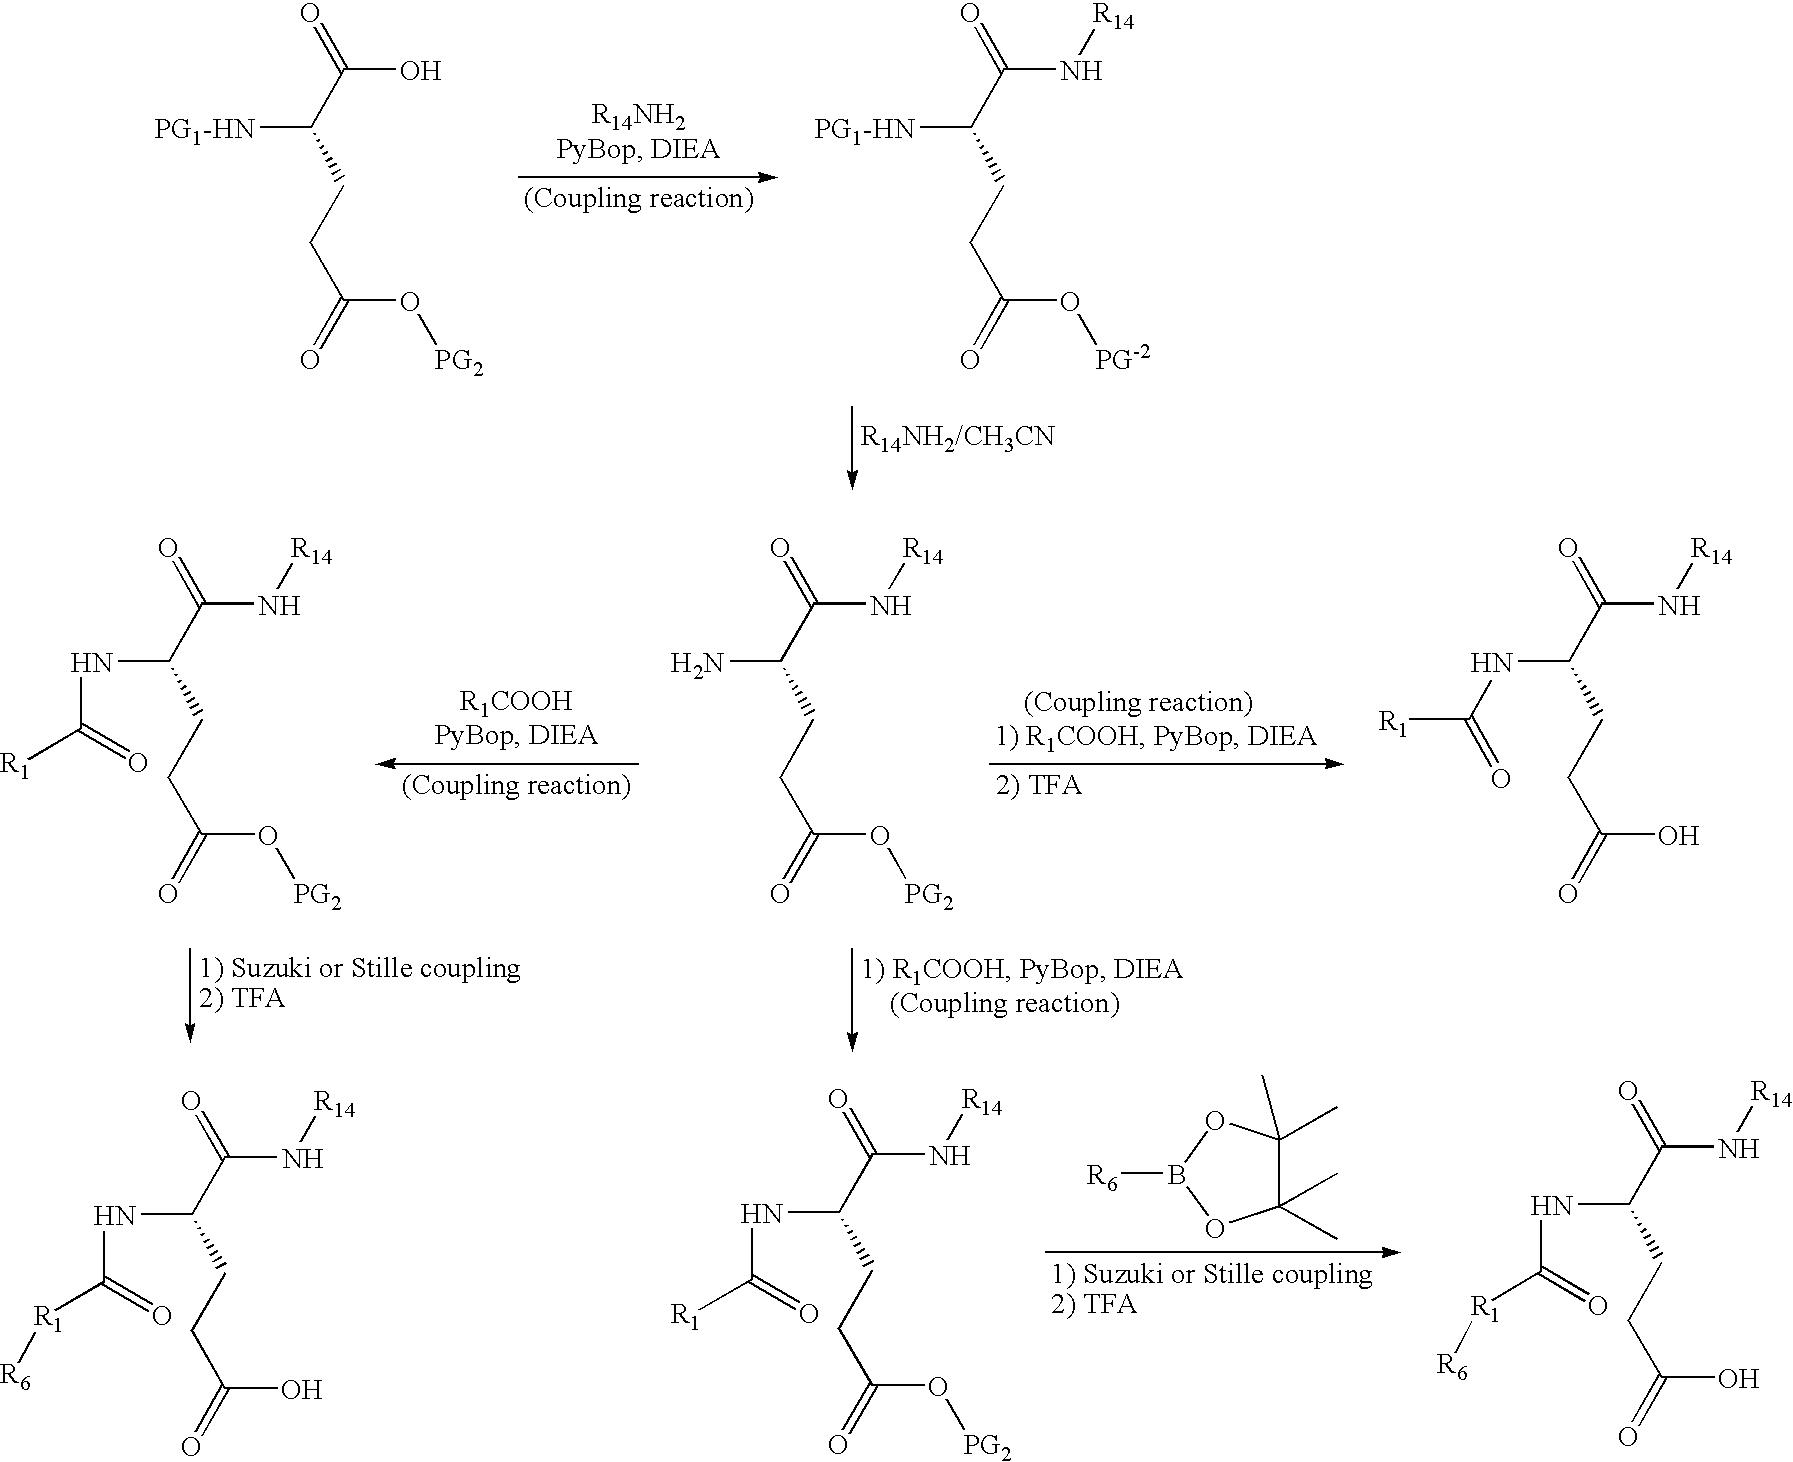 US20100010012A1 - Glutamate aggrecanase inhibitors - Google